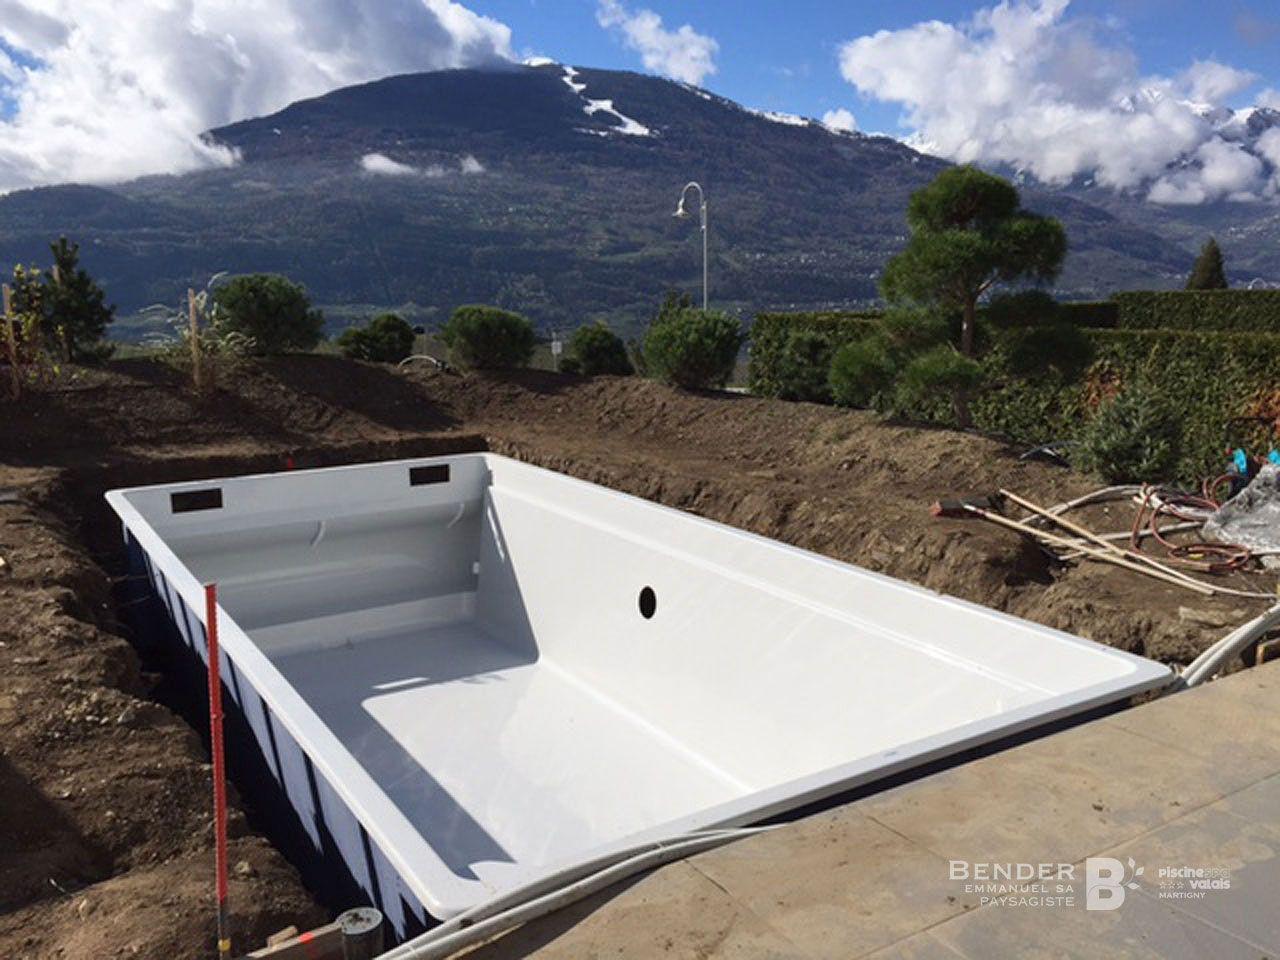 piscine samoaroll grimisuat nos r alisations bender paysagisme. Black Bedroom Furniture Sets. Home Design Ideas